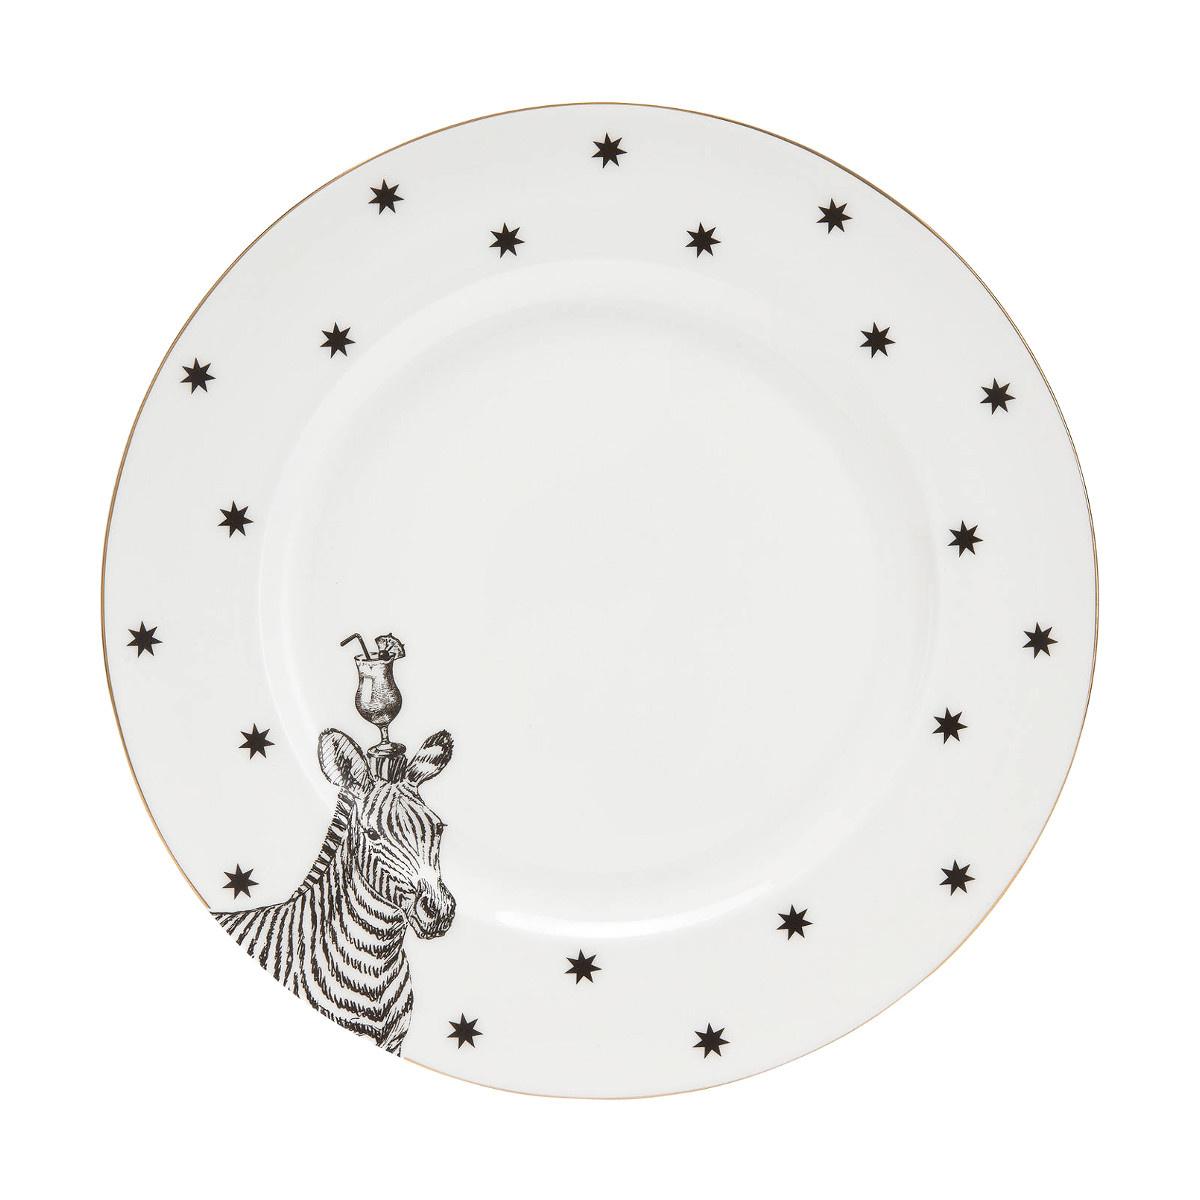 Yvonne Ellen Yvonne Ellen London Monochrome Set de 2 Assiettes Ø 26,5 cm - Zèbre - Bone China Porcelaine